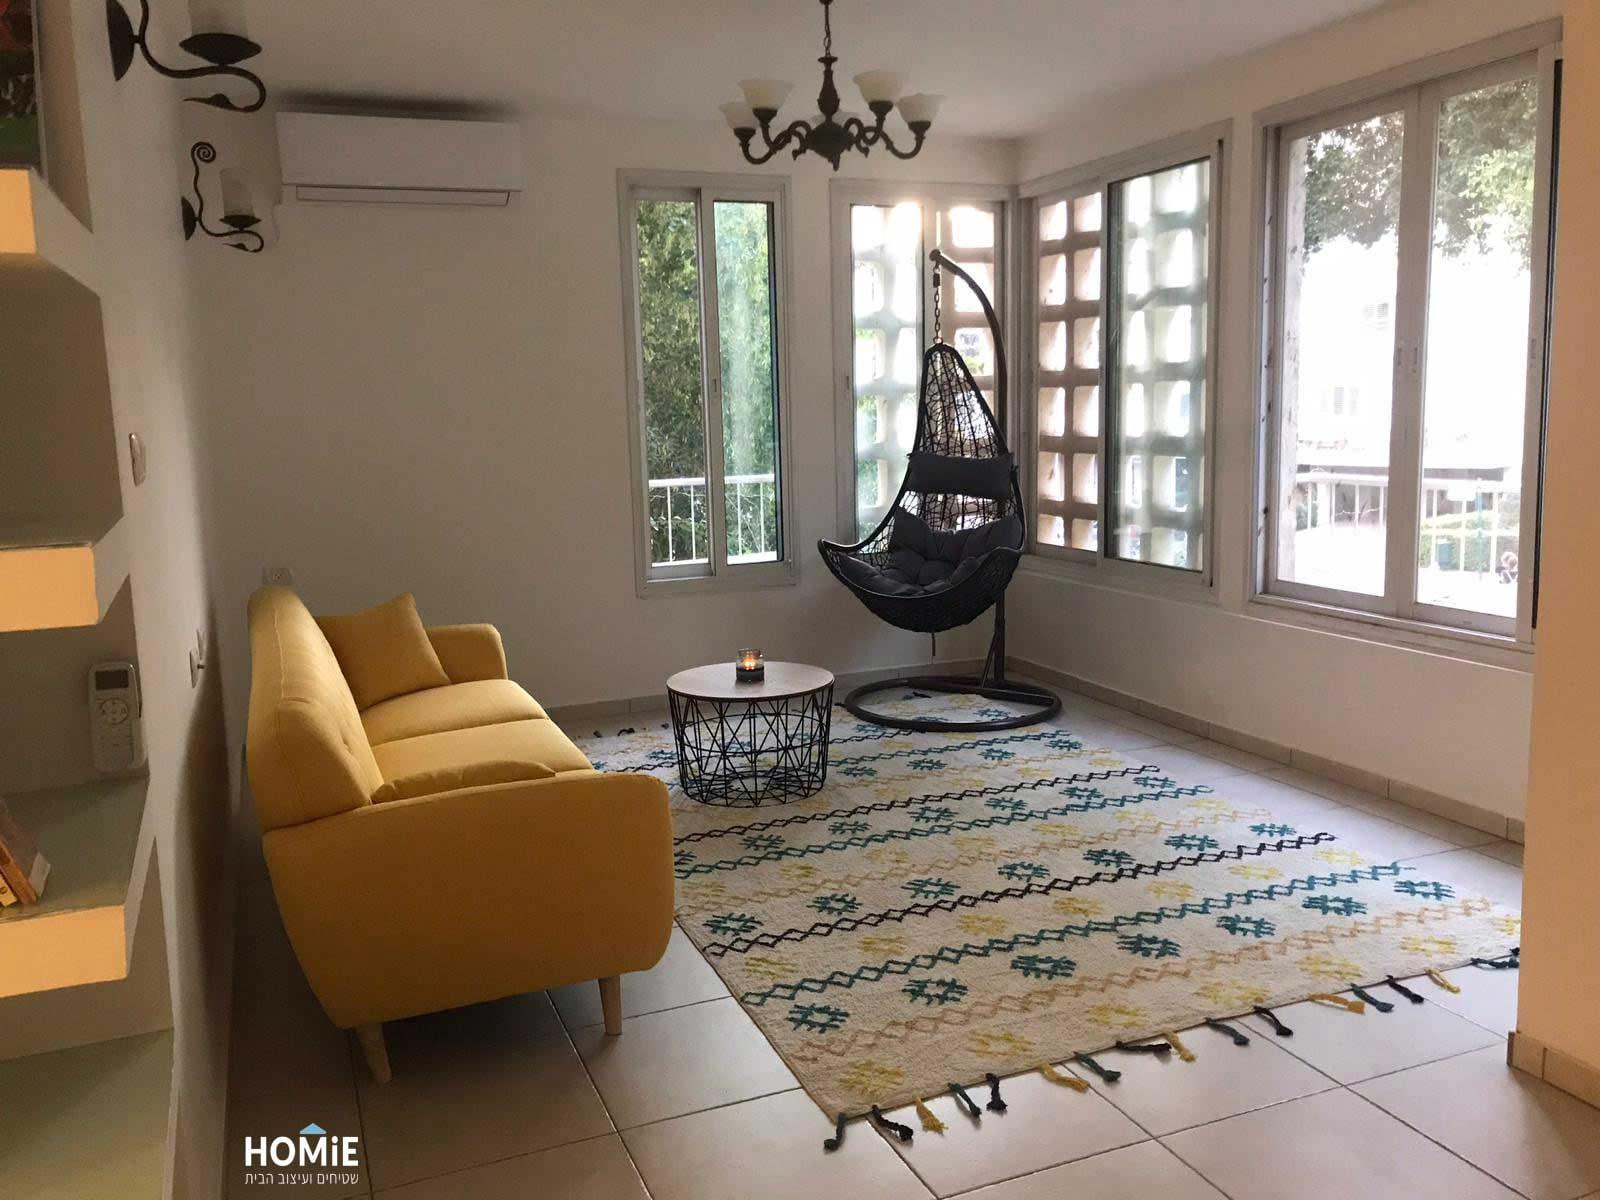 שטיח כותנה גיאומטרי עבודת יד לסלון דגם מיאנמר עשוי 100% כותנה